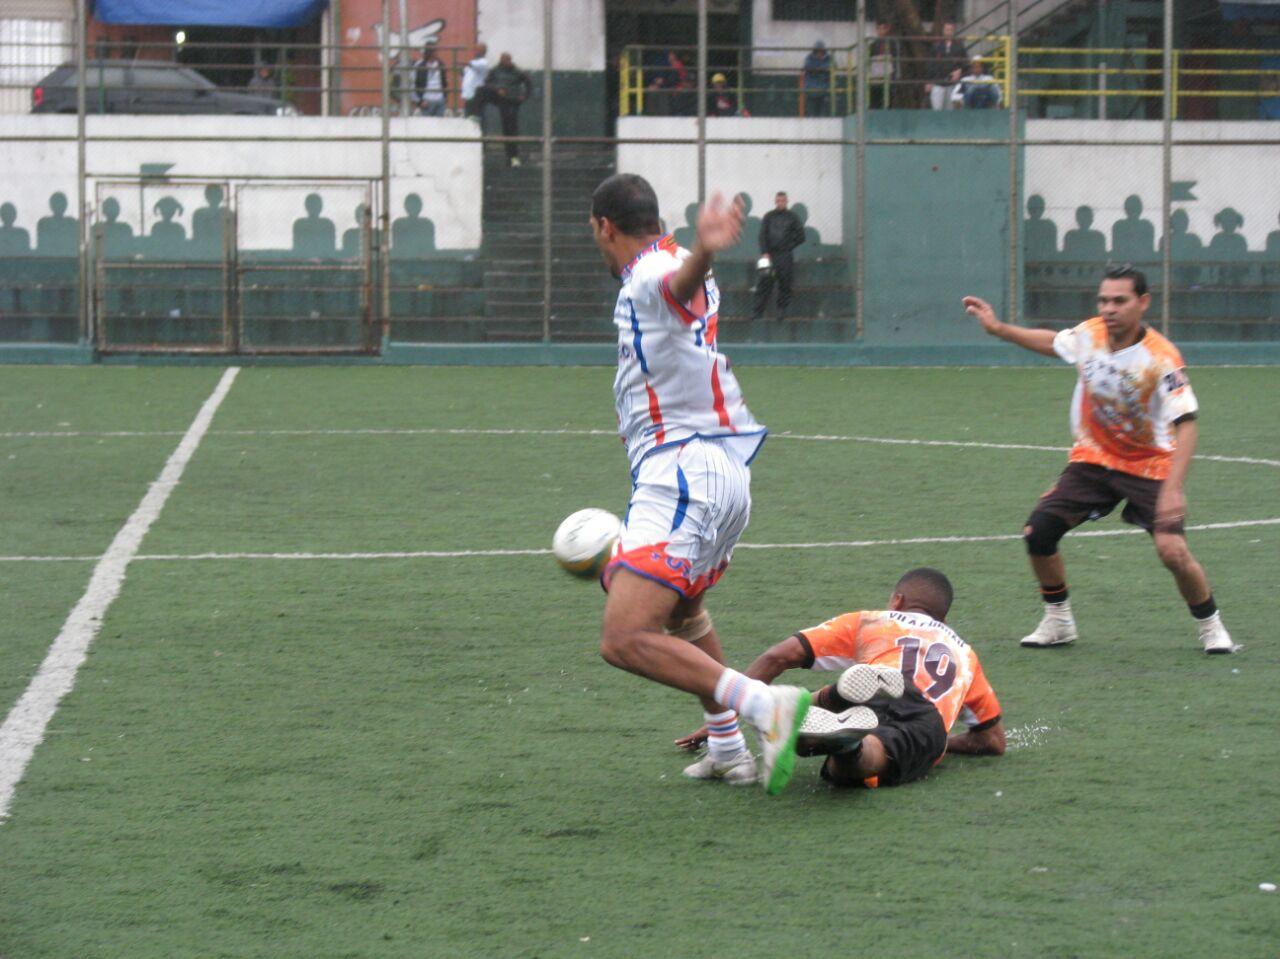 Mostrando bom futebol, Vila Fundão bate Tutu e se classifica para a semifinal na Copa da Paz de Veteranos